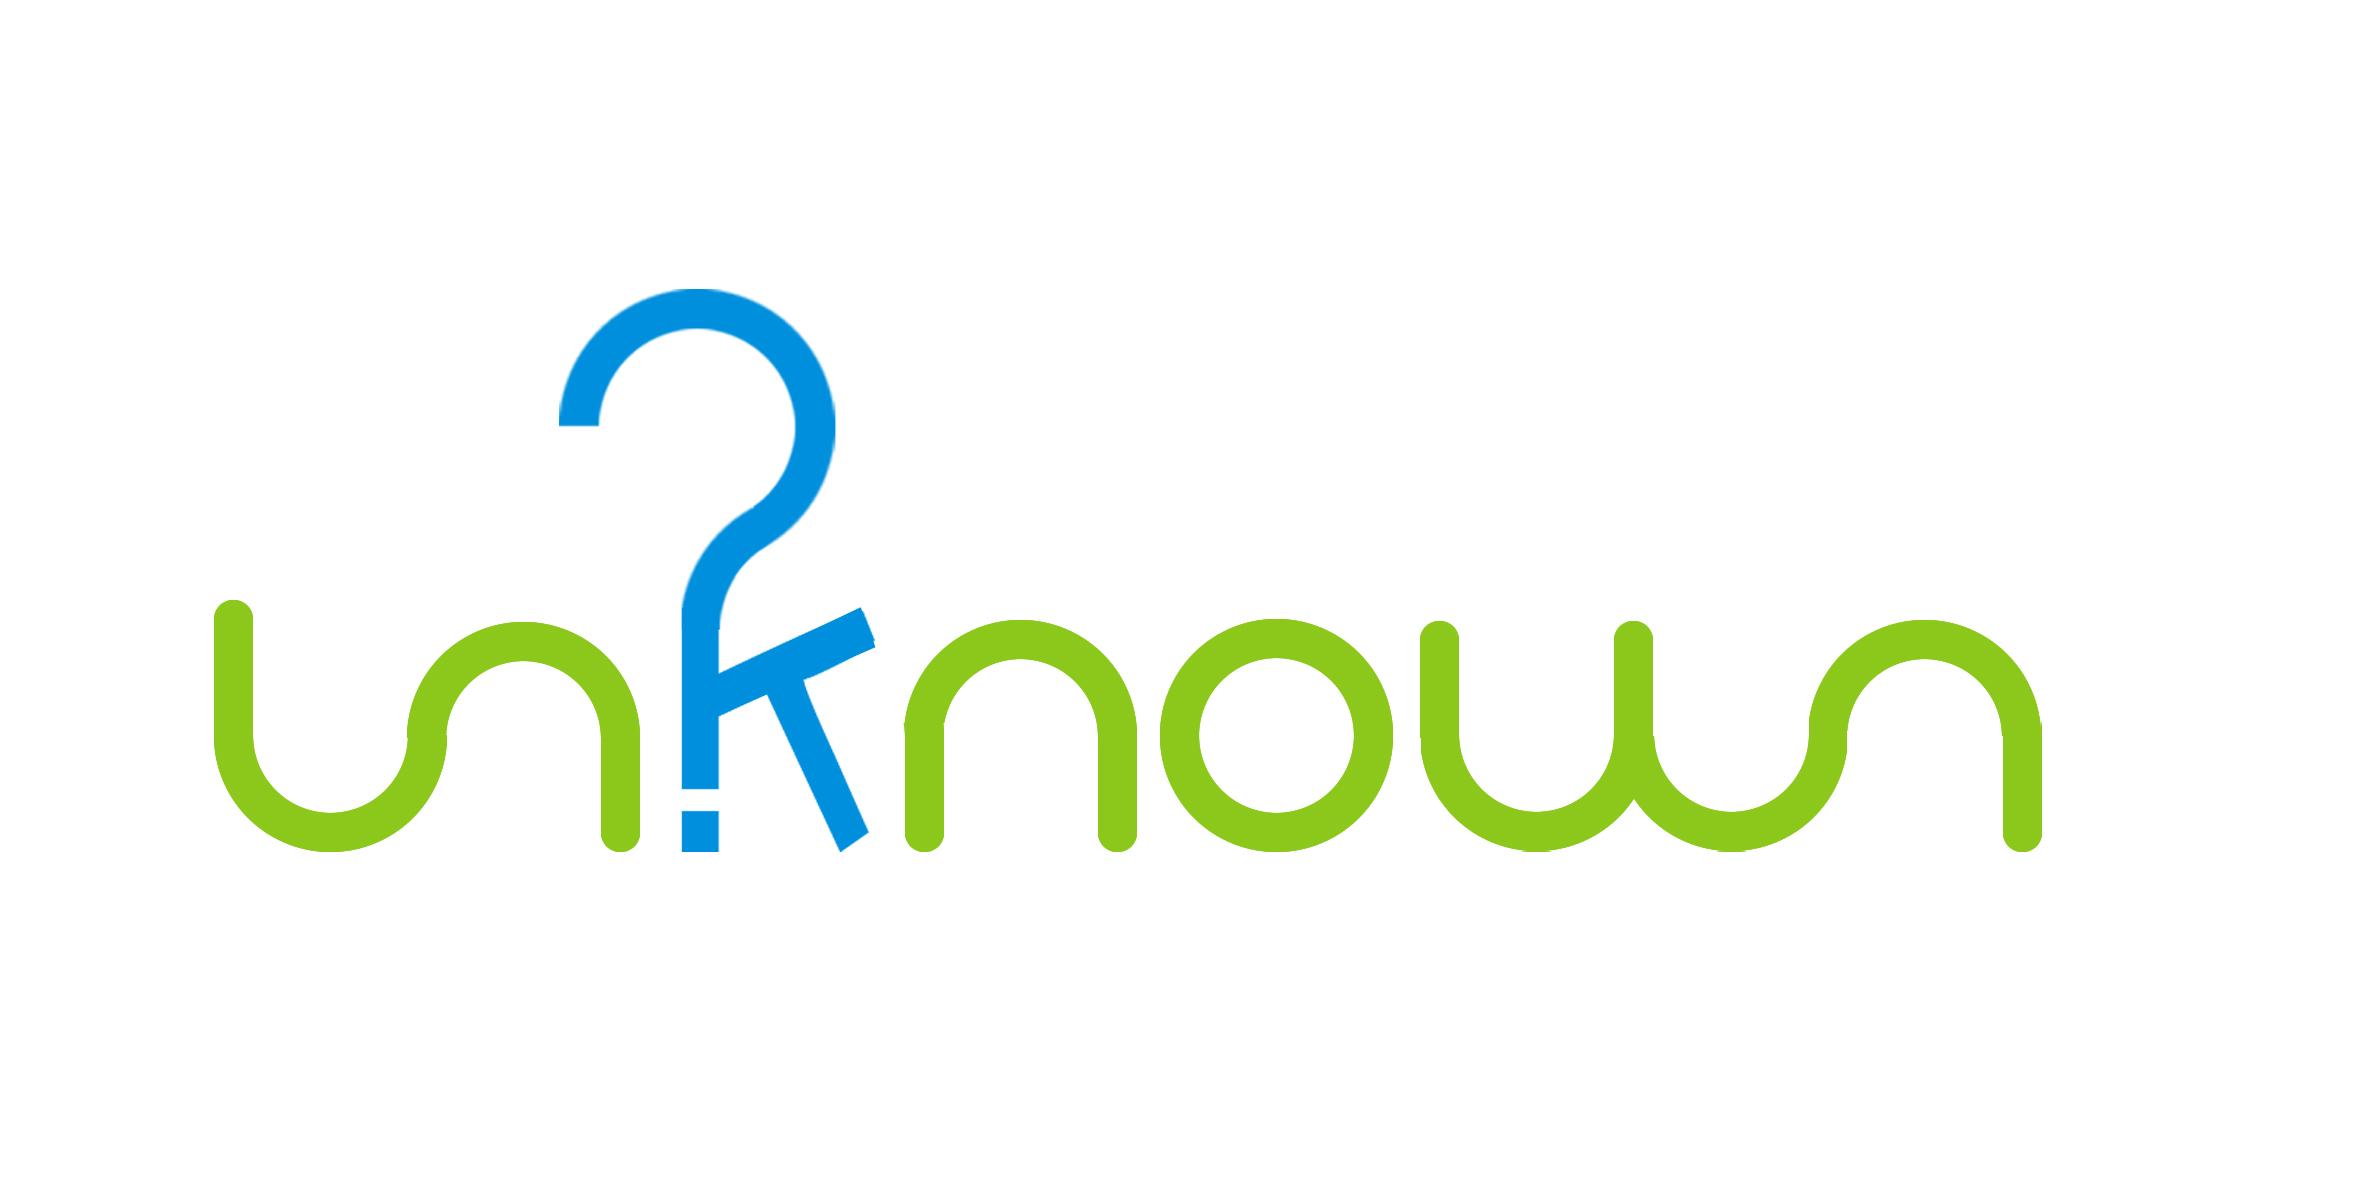 科技公司英文logo设计